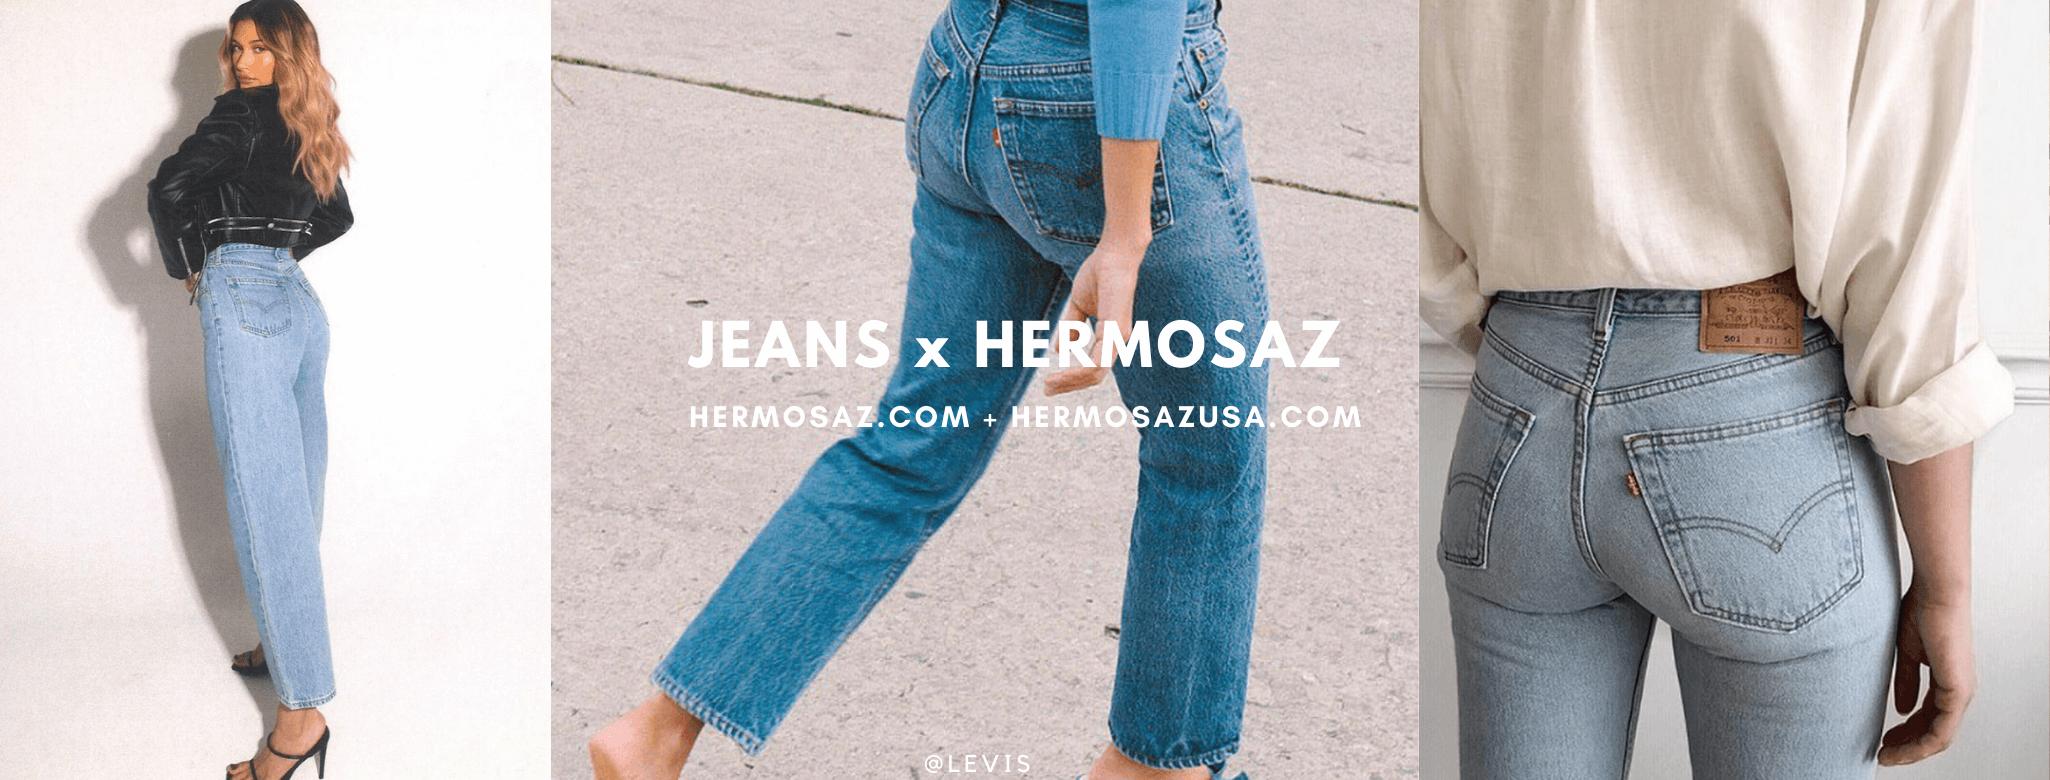 Jeans x Hermosaz